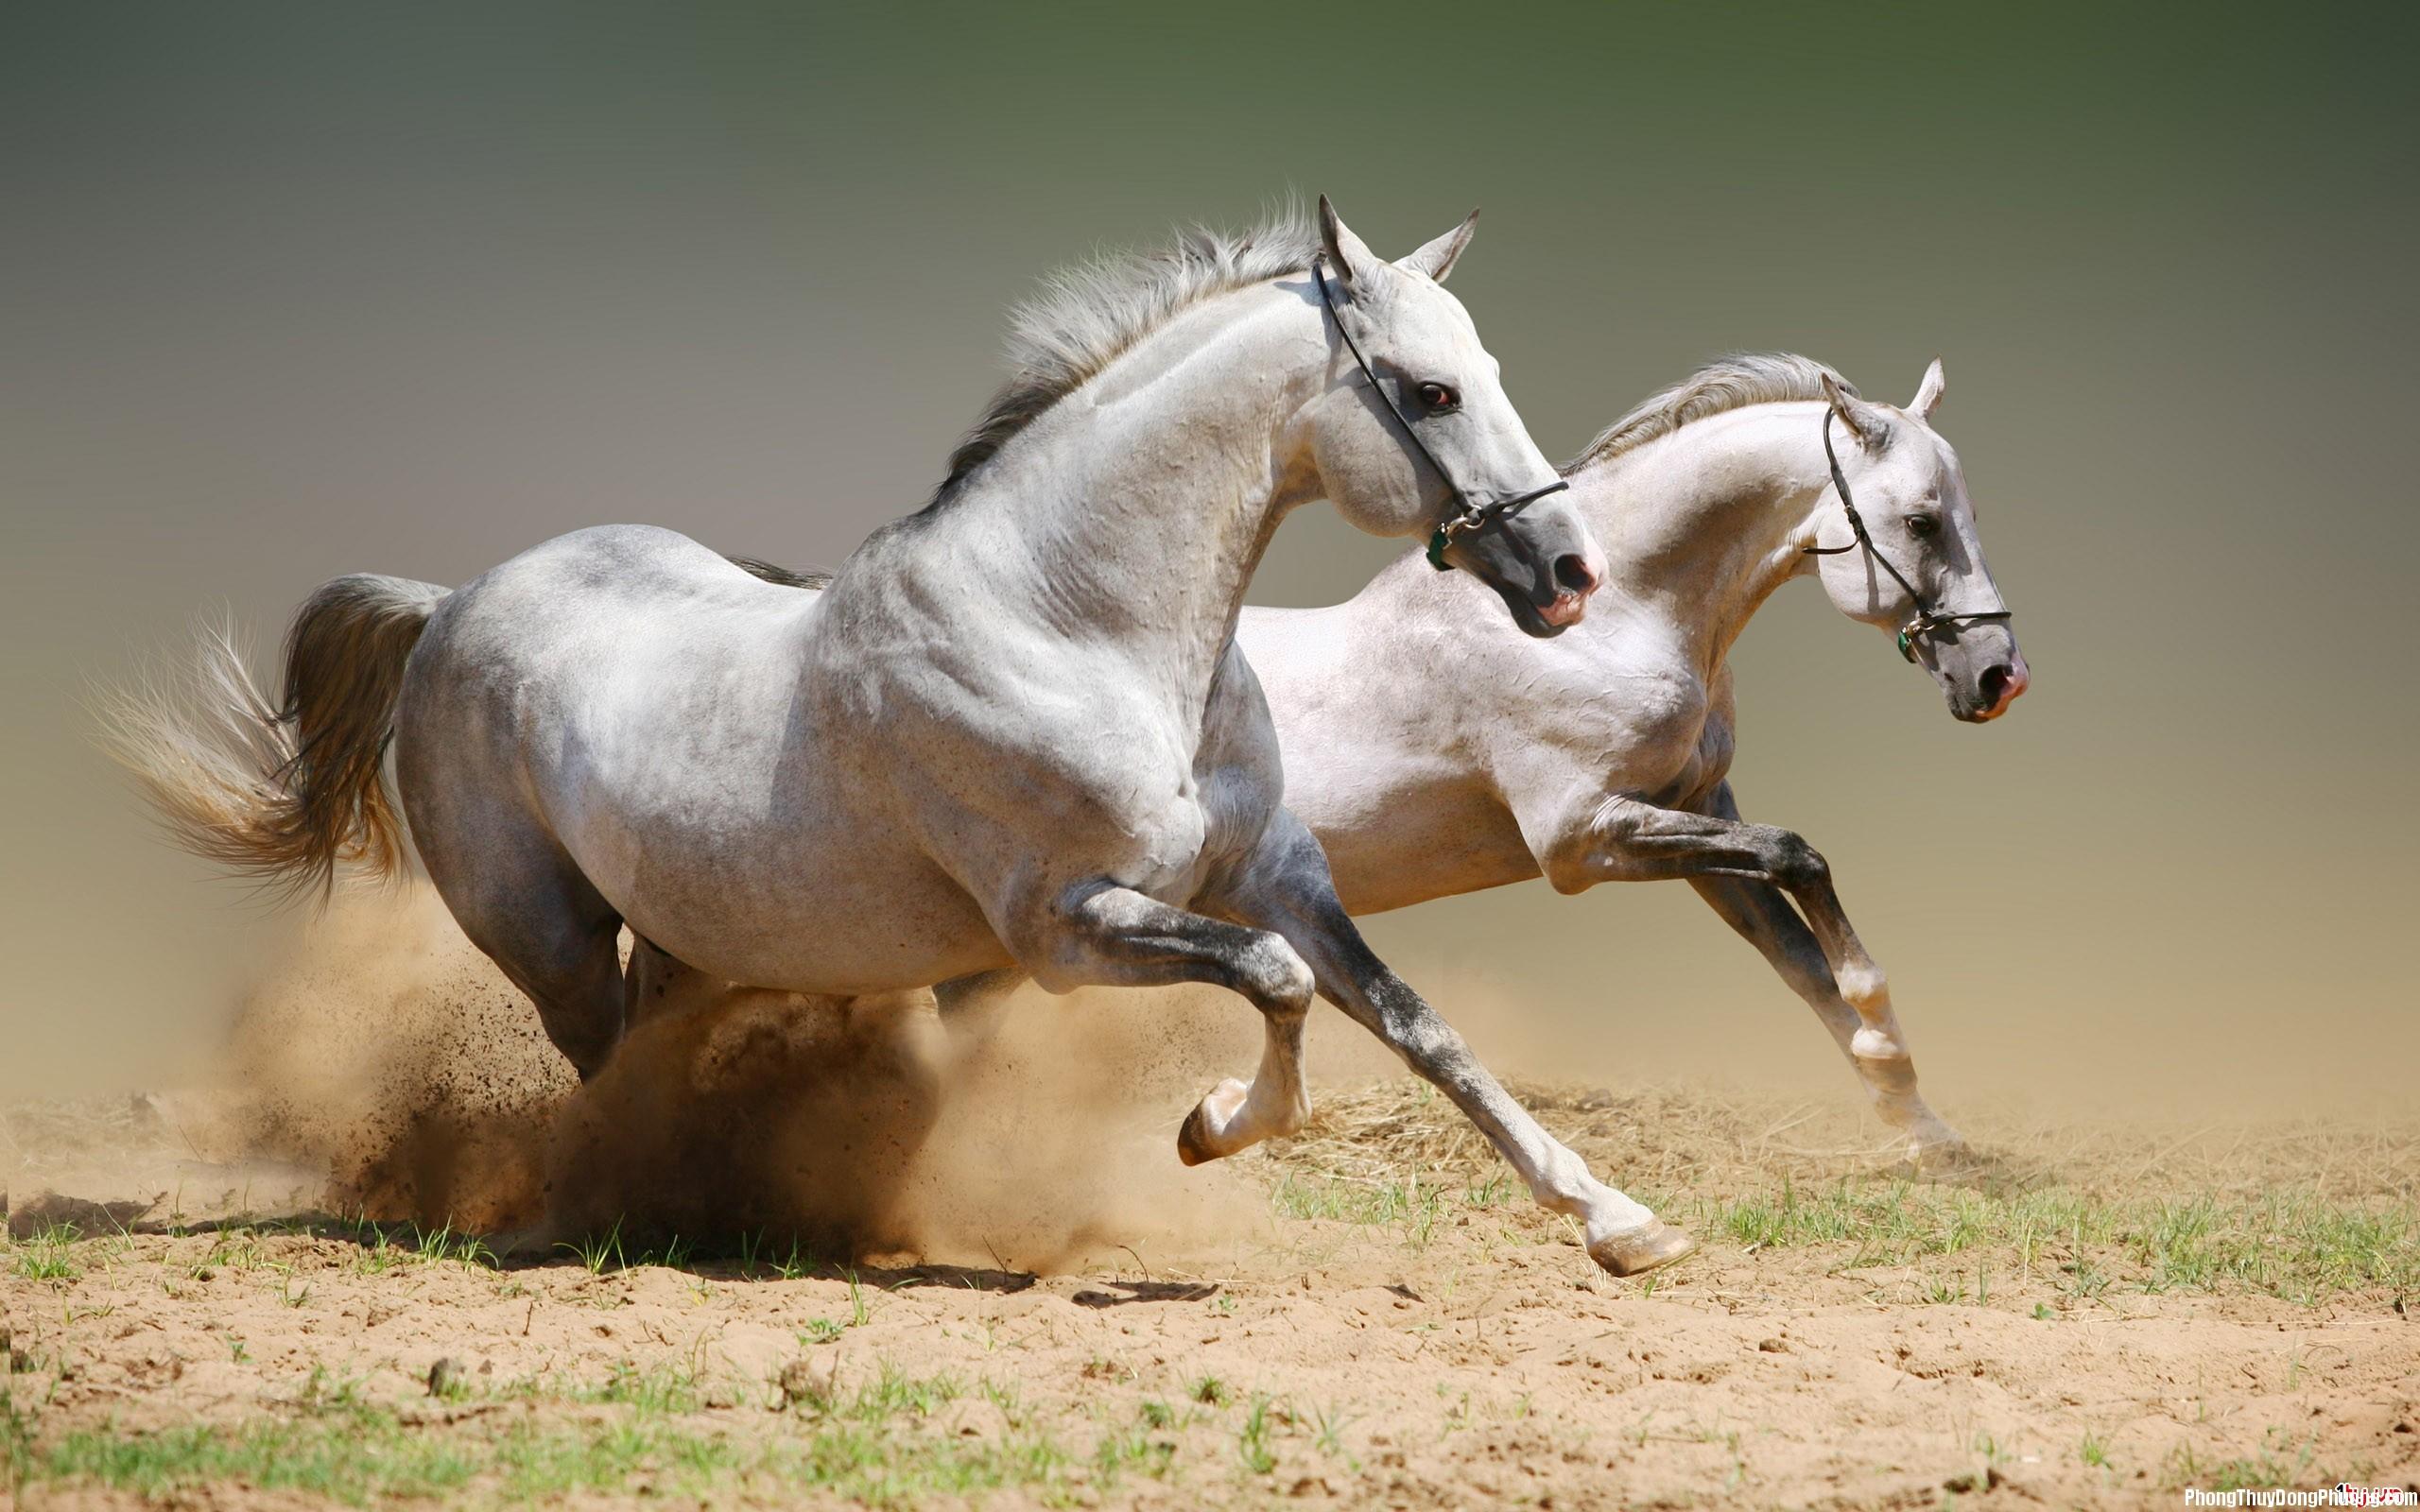 ngua Giải mã các bí ẩn giấc mơ thấy ngựa